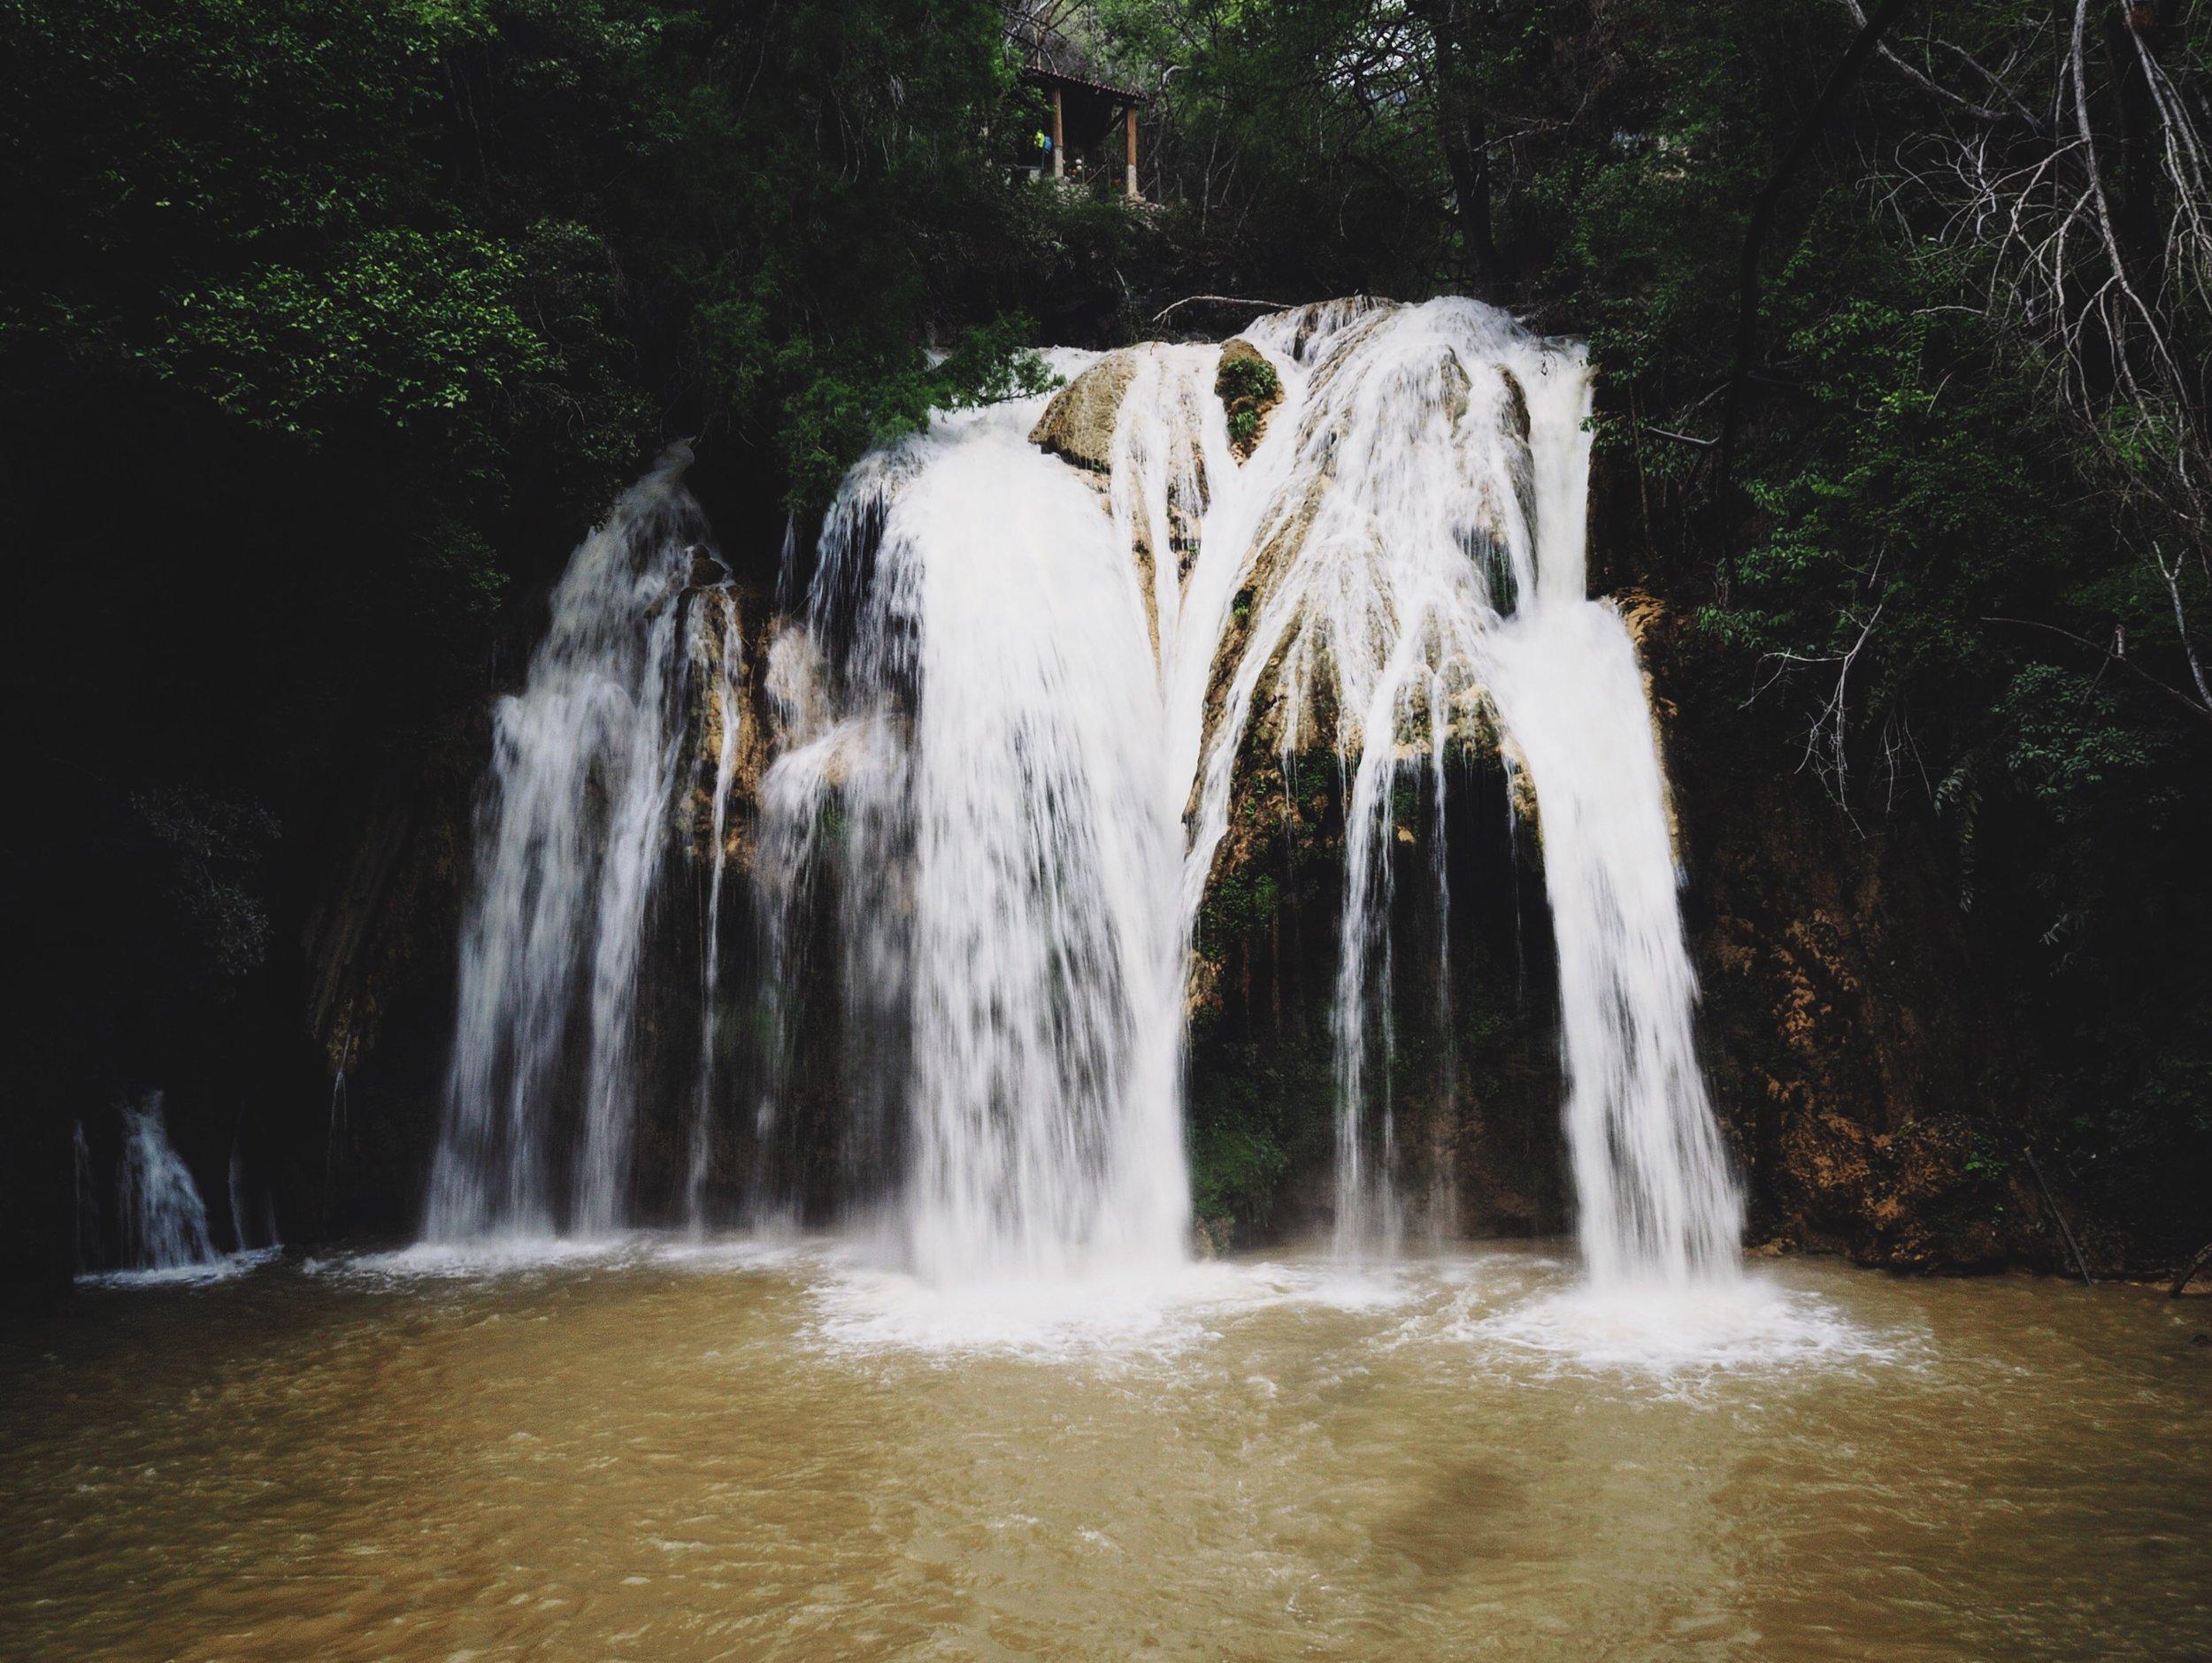 The impressive smaller falls at El Chiflón